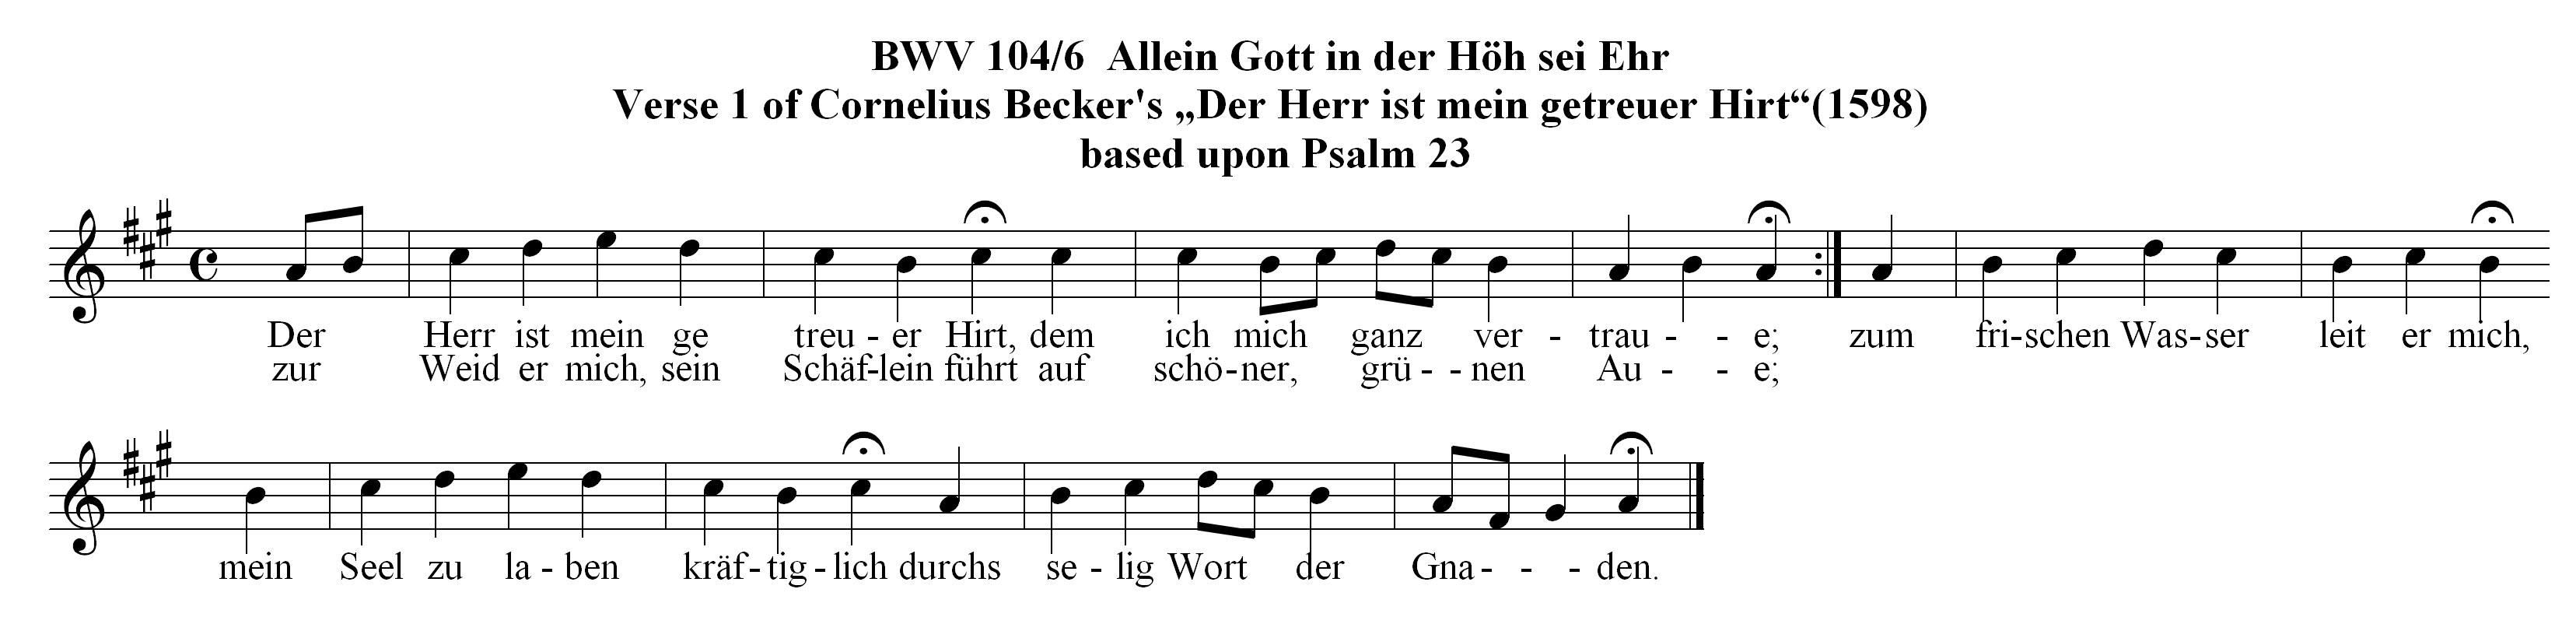 16 bach chorales band pdf